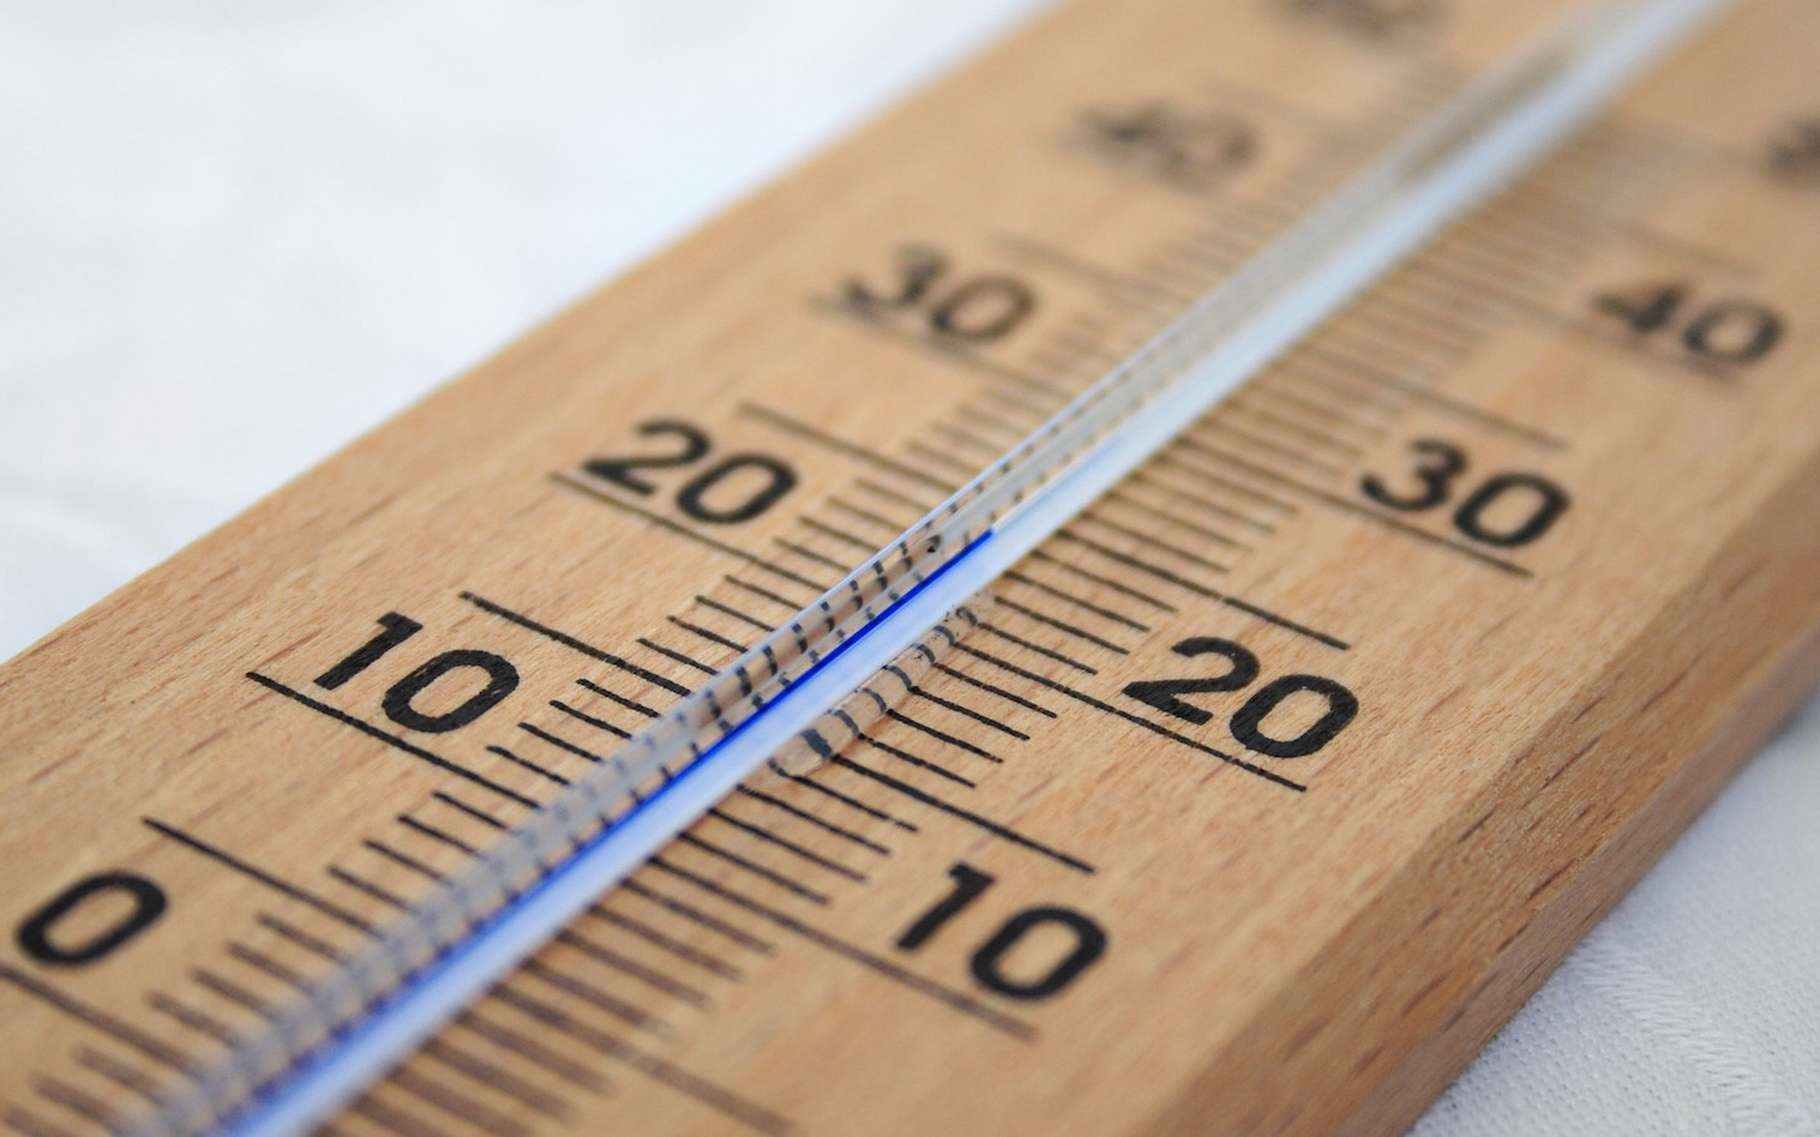 Le degré Celsius est l'unité de mesure de la température employée dans la vie quotidienne. © PublicDomainPictures, Pixabay, CC0 Creative Commons